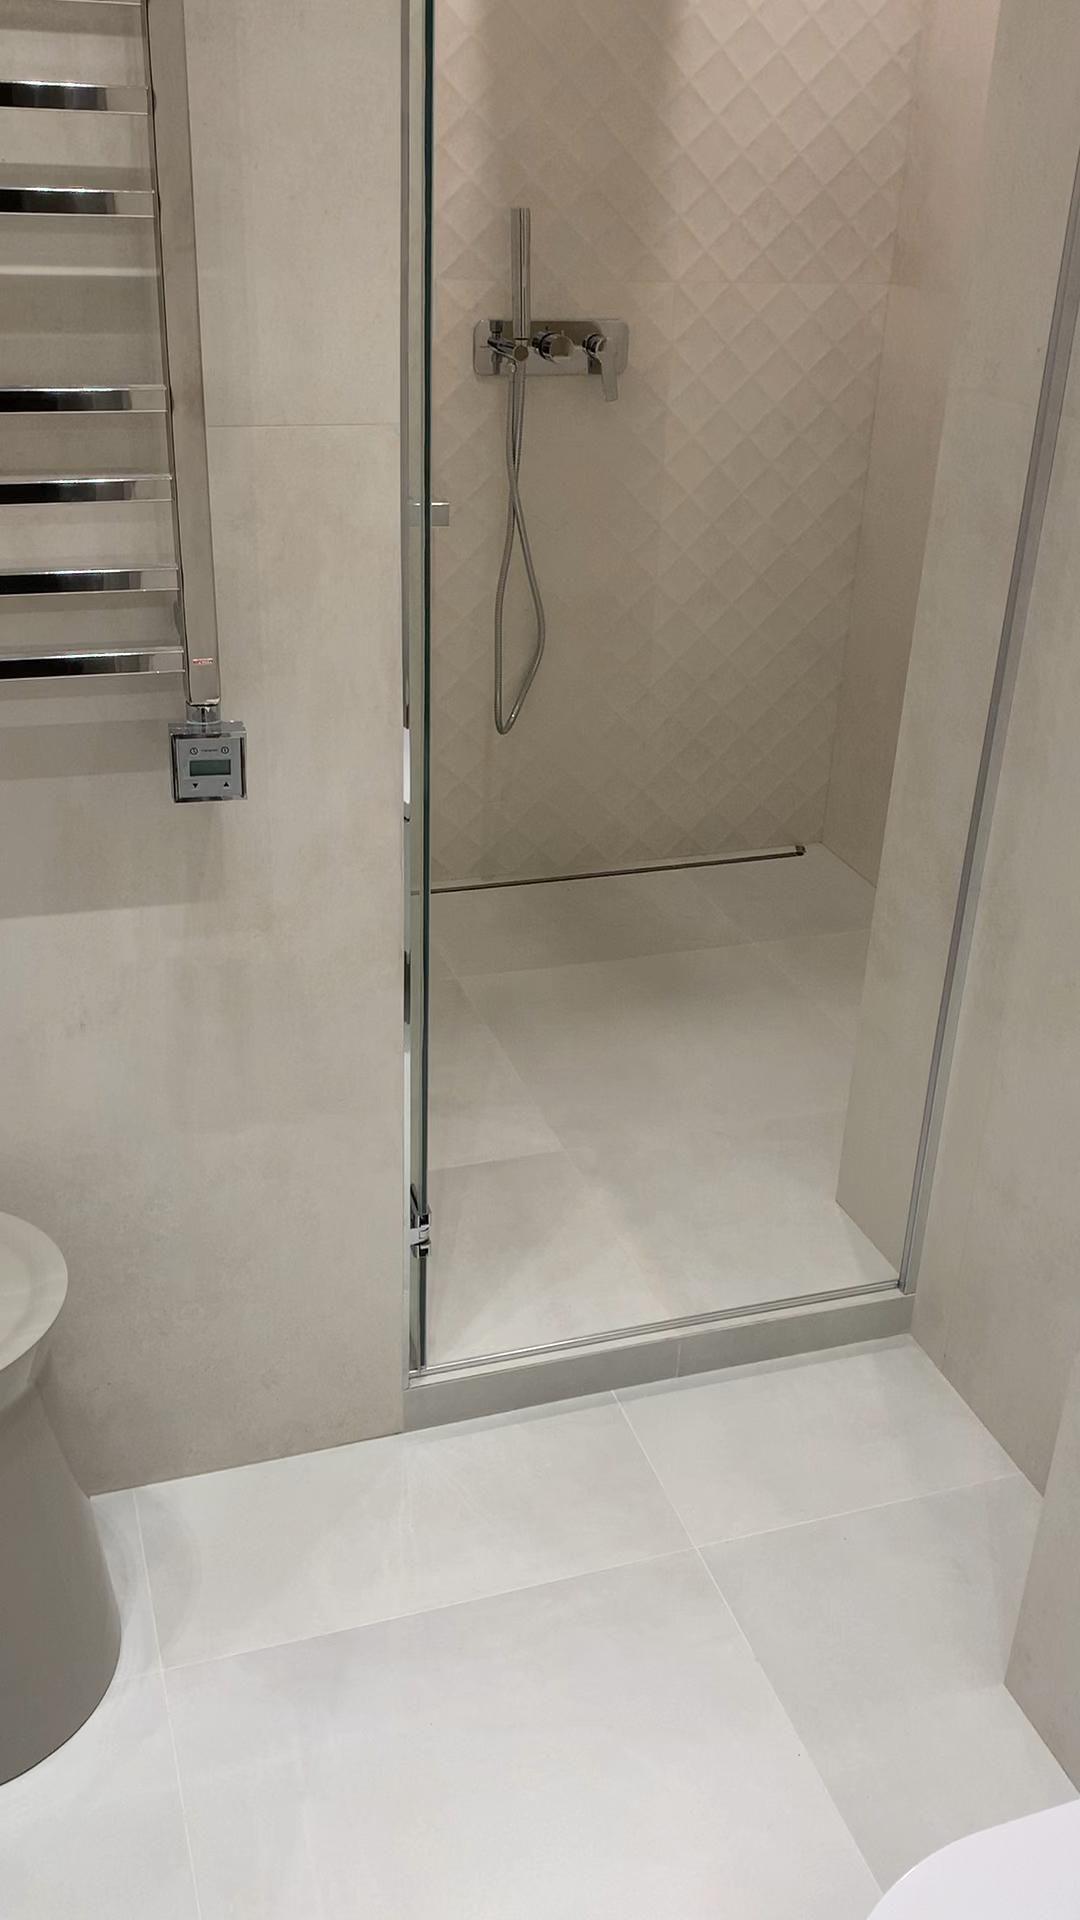 Ремонт ванной комнаты. Душевая зона с дверью из стекла.